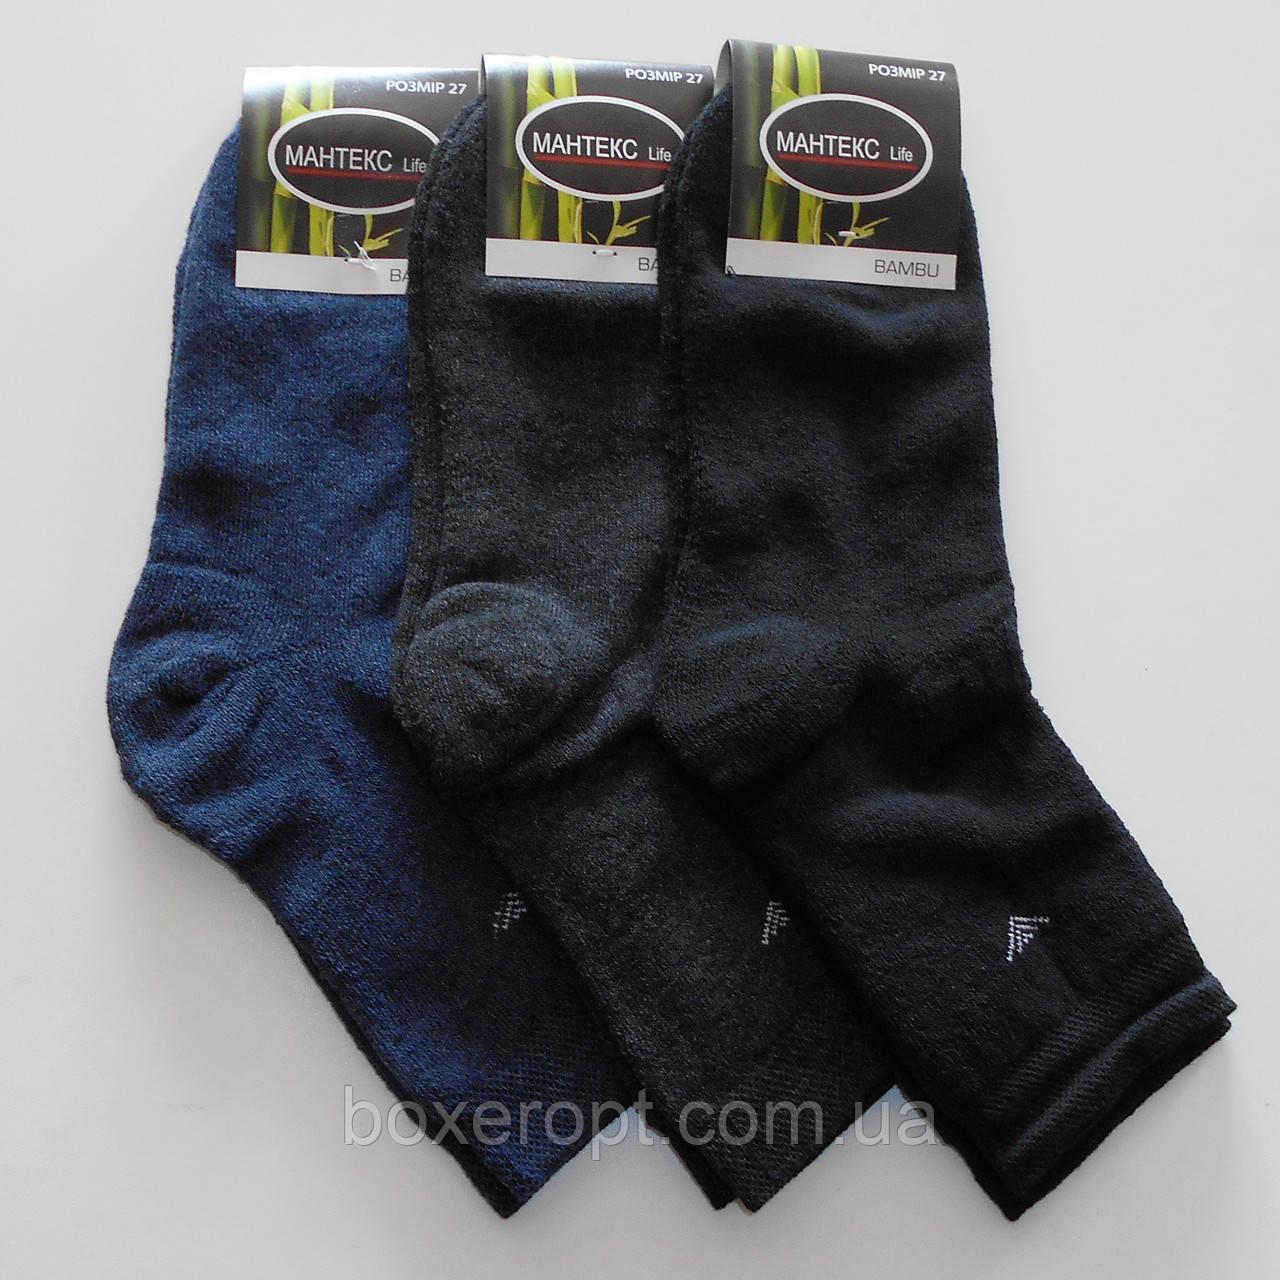 Мужские махровые носки Мантекс - 10.00 грн./пара (Life, ассорти)